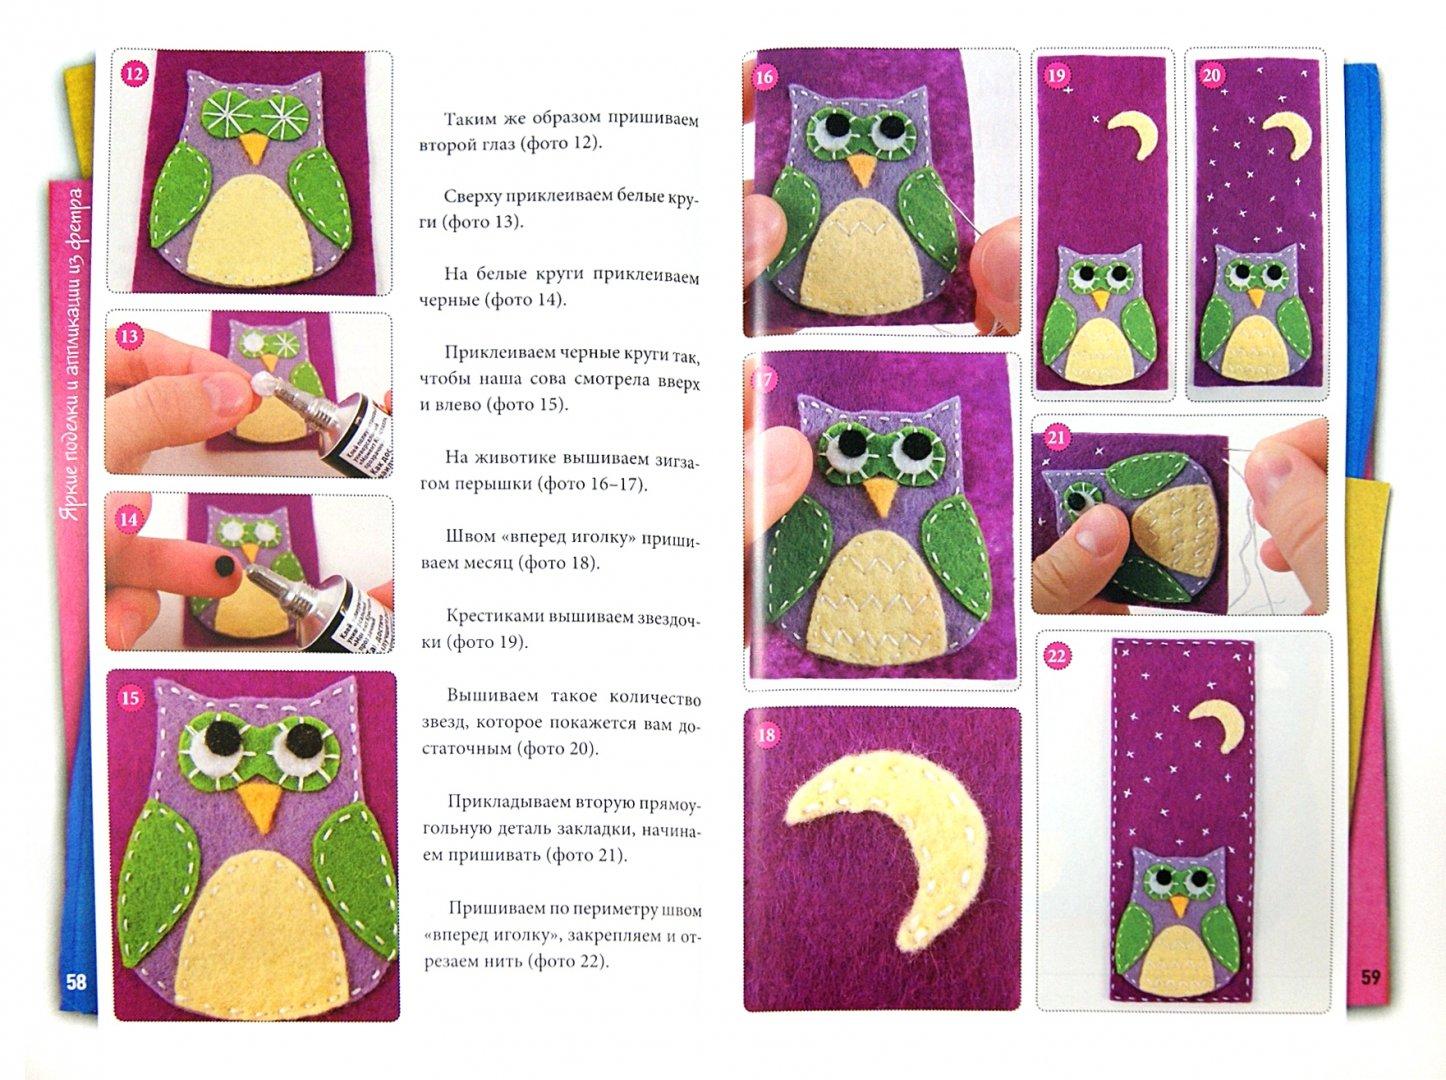 Иллюстрация 1 из 15 для Яркие поделки и аппликации из фетра - Ольга Груша | Лабиринт - книги. Источник: Лабиринт